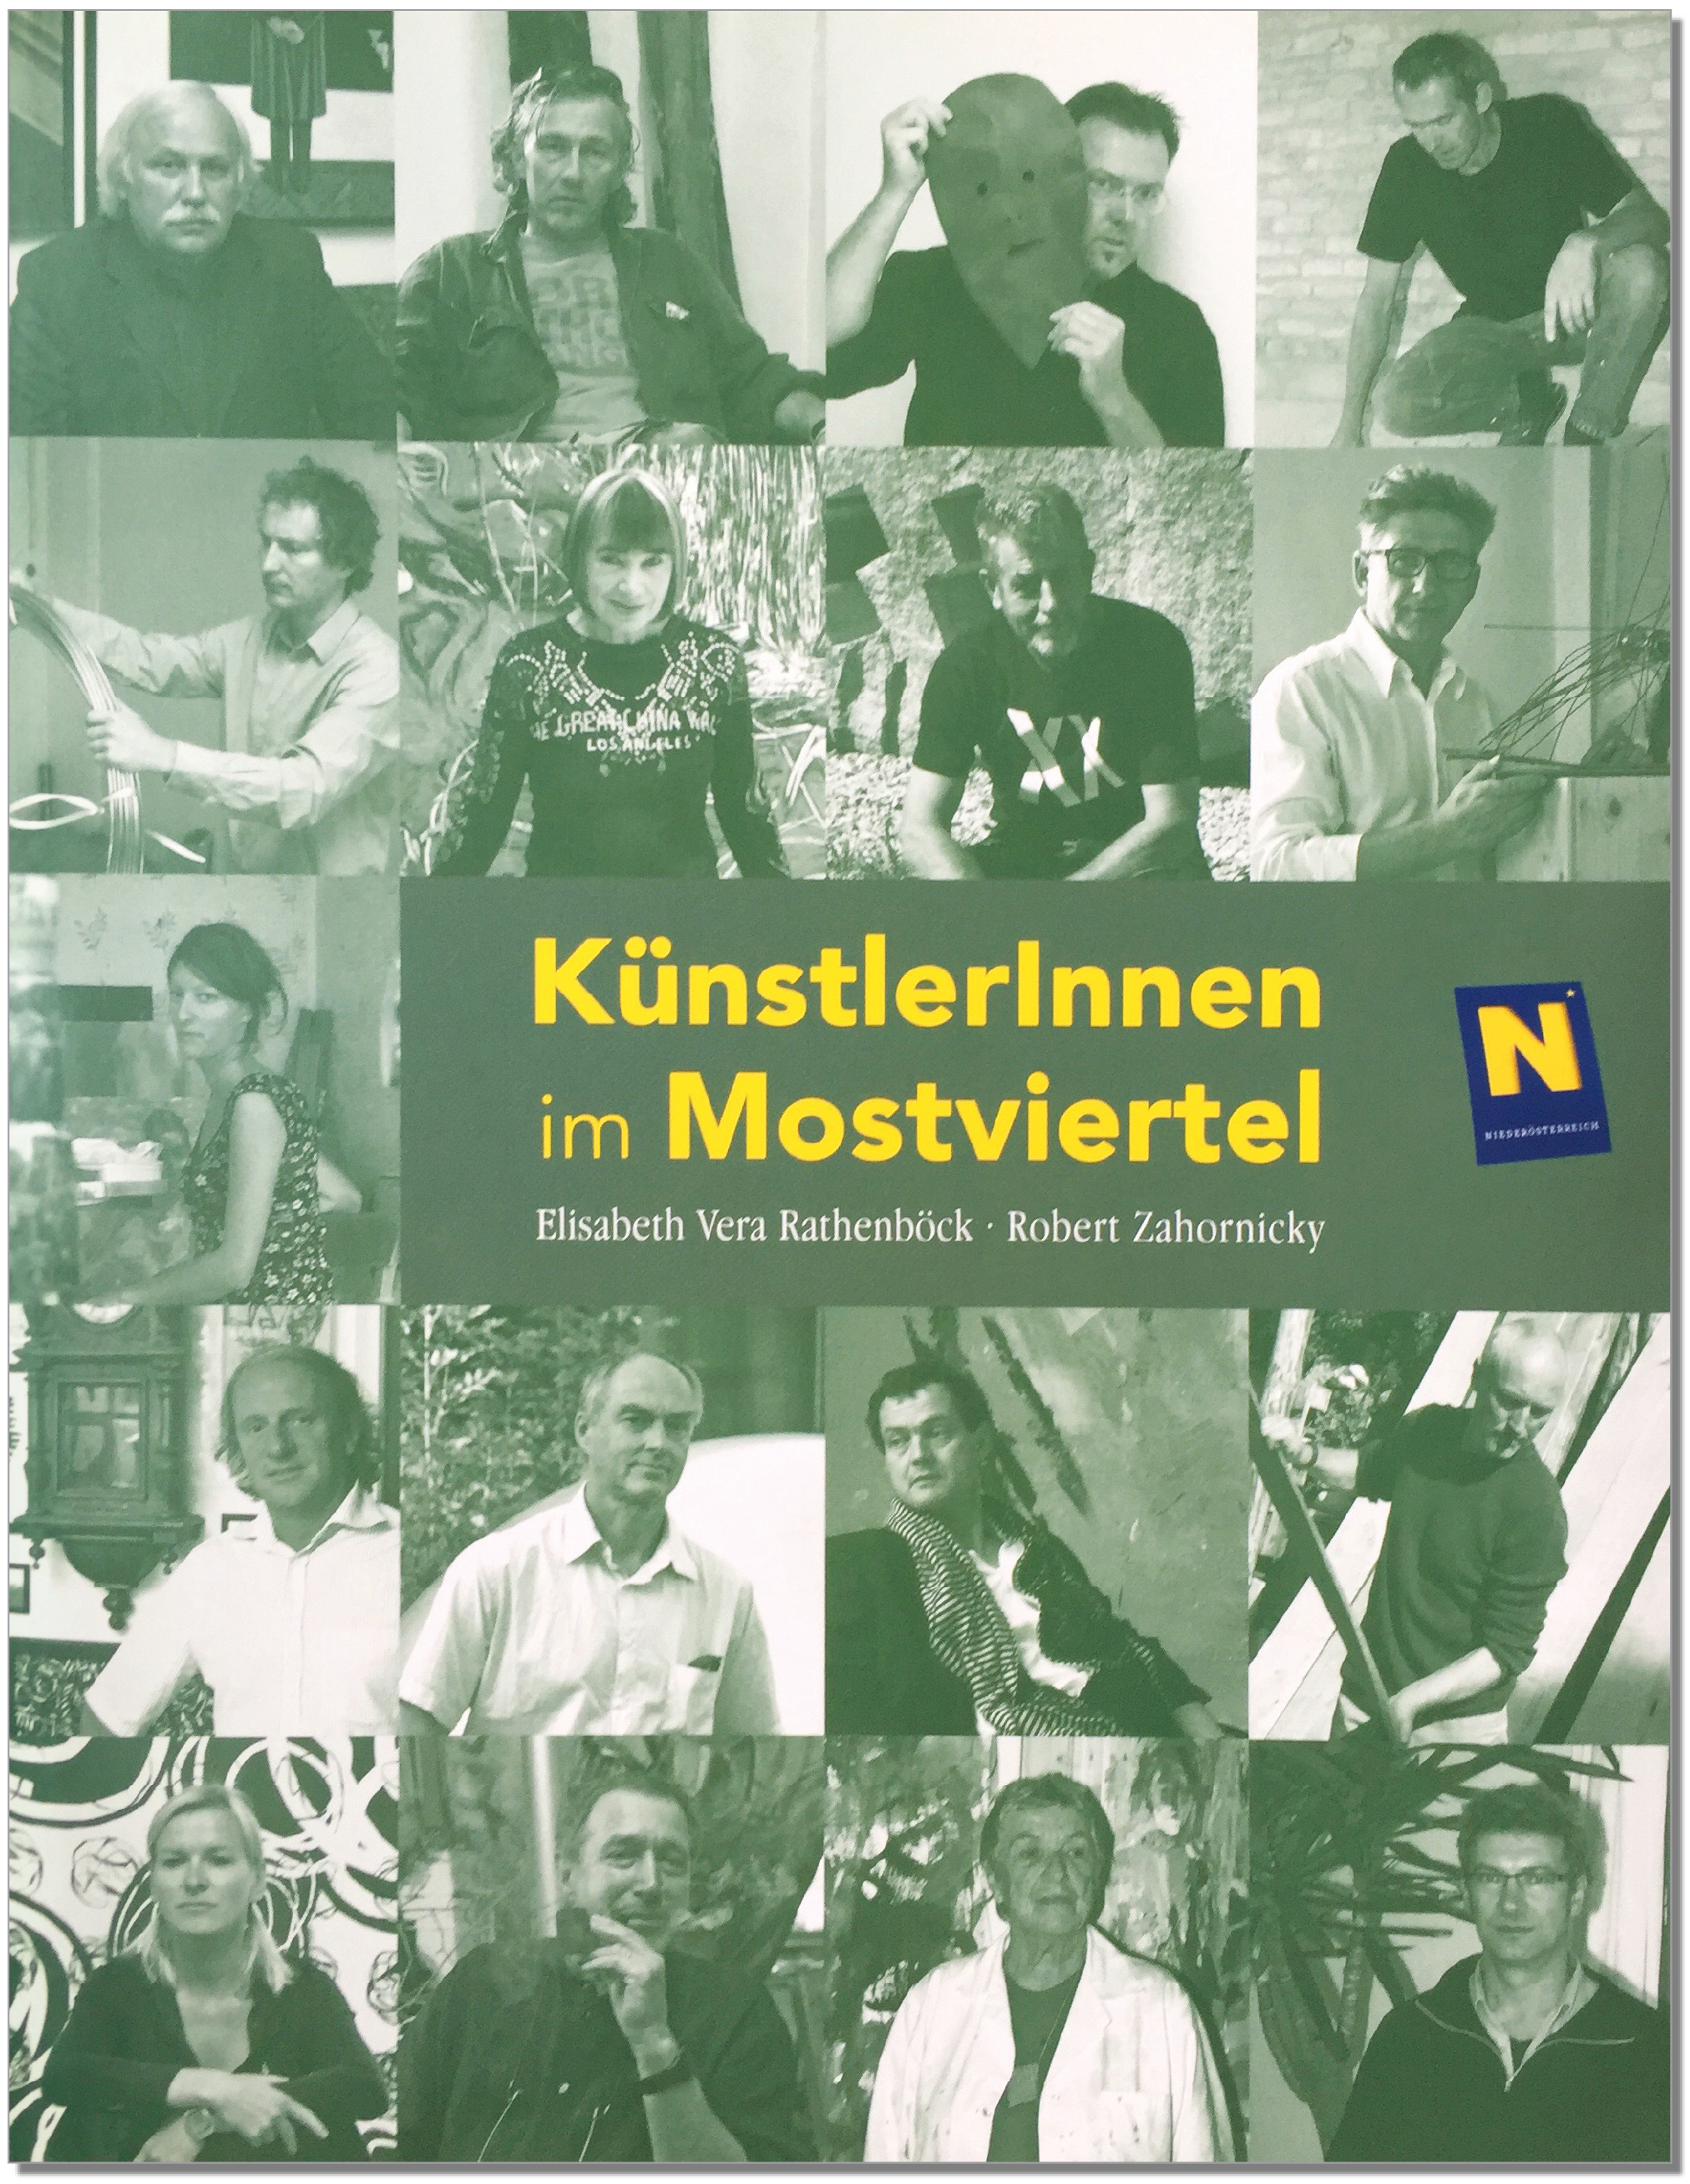 kuenstlerinnen-im-mostviertel-cover